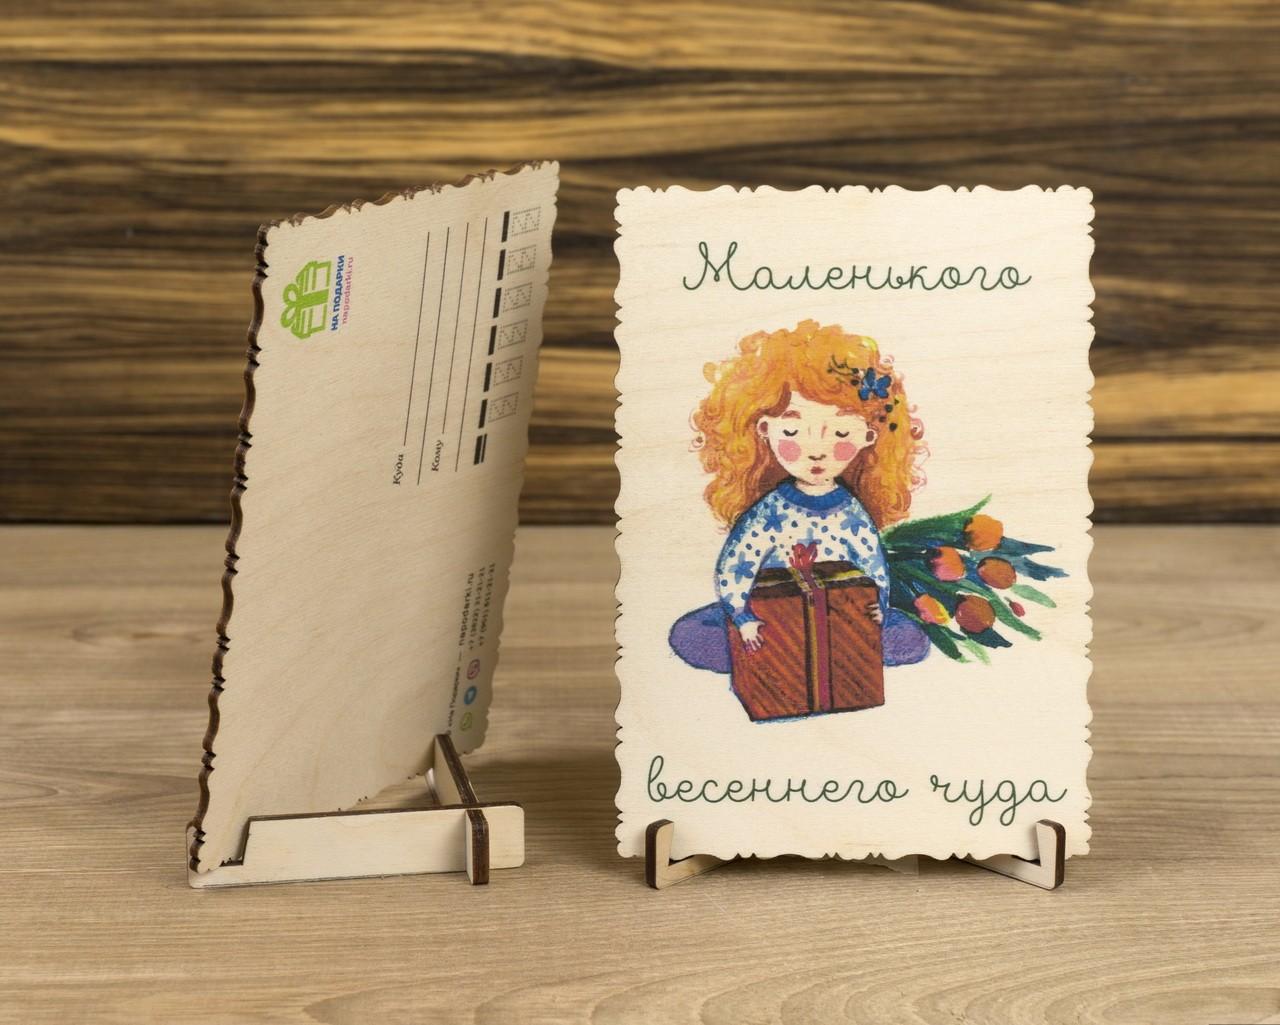 """Деревянная открытка """"Маленького весеннего чуда"""" Анны Турченко"""